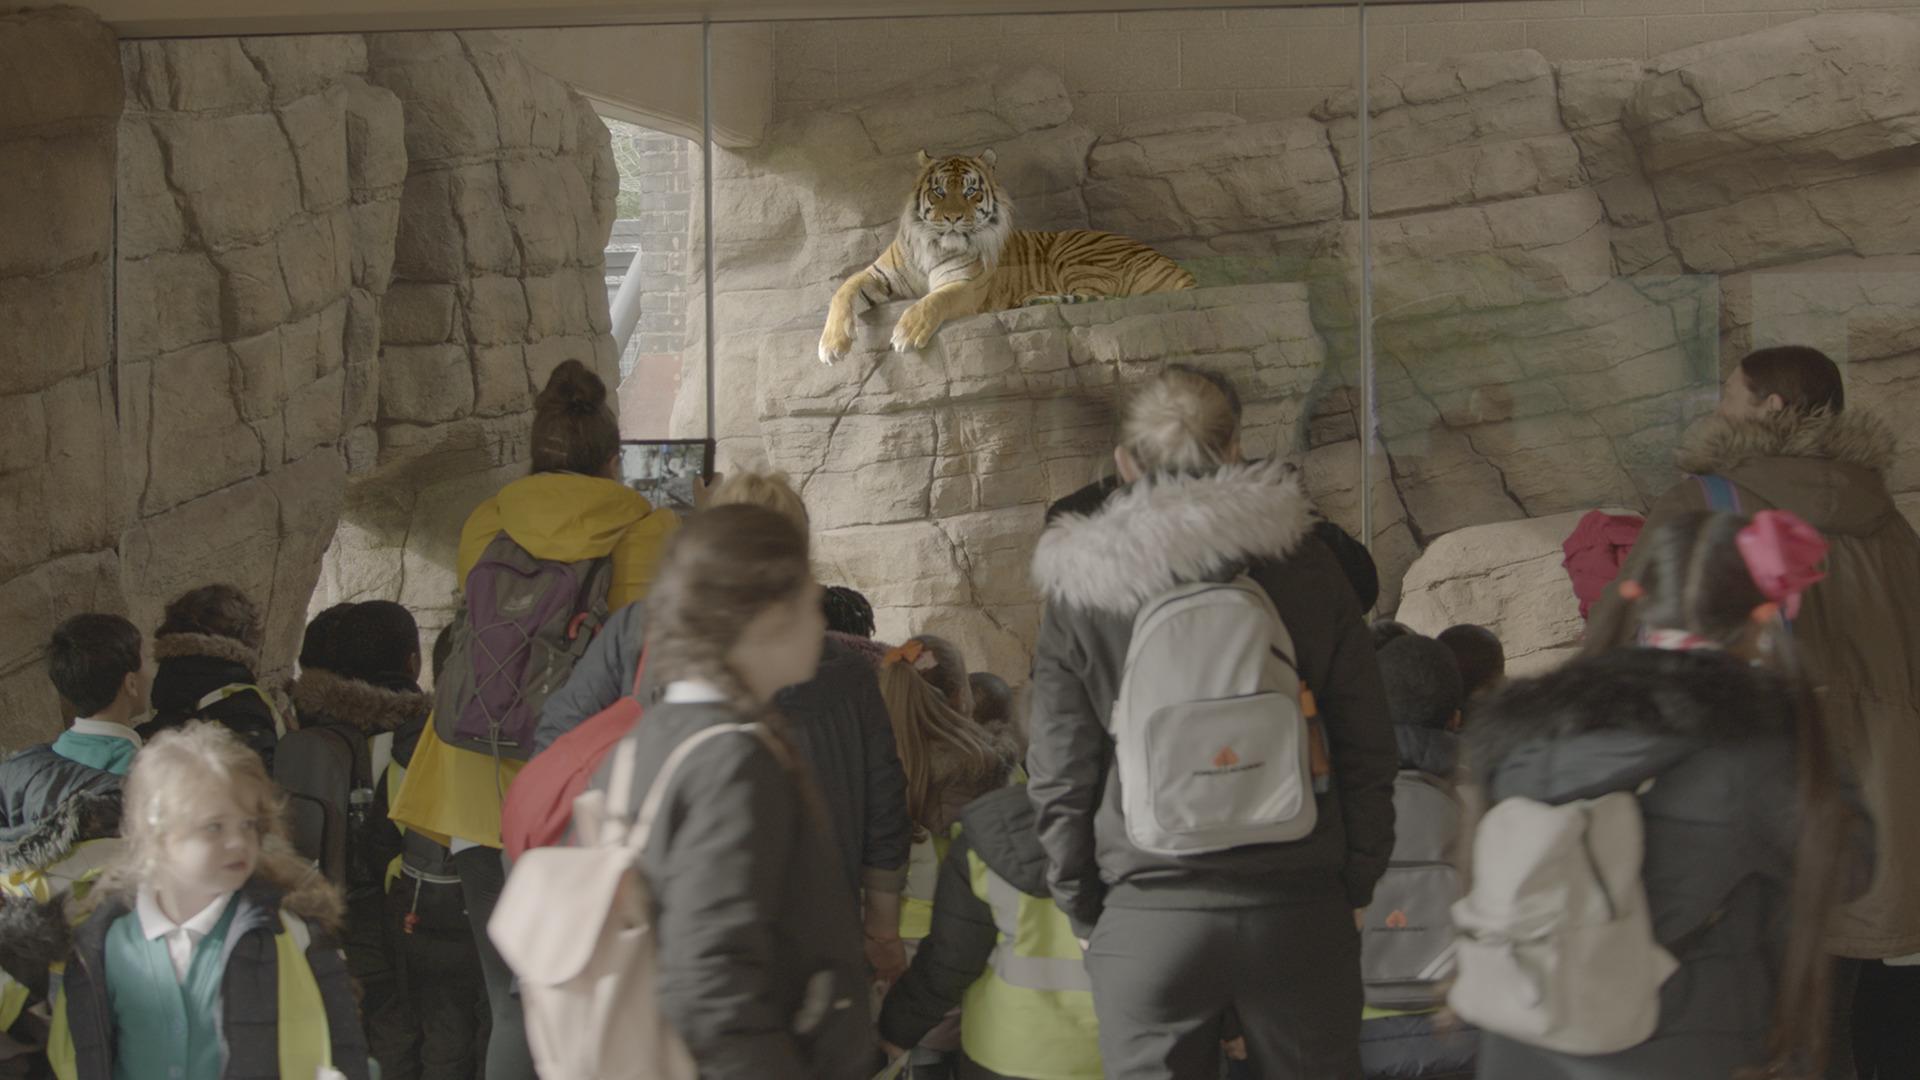 Lo zoo di Londra. Film Still